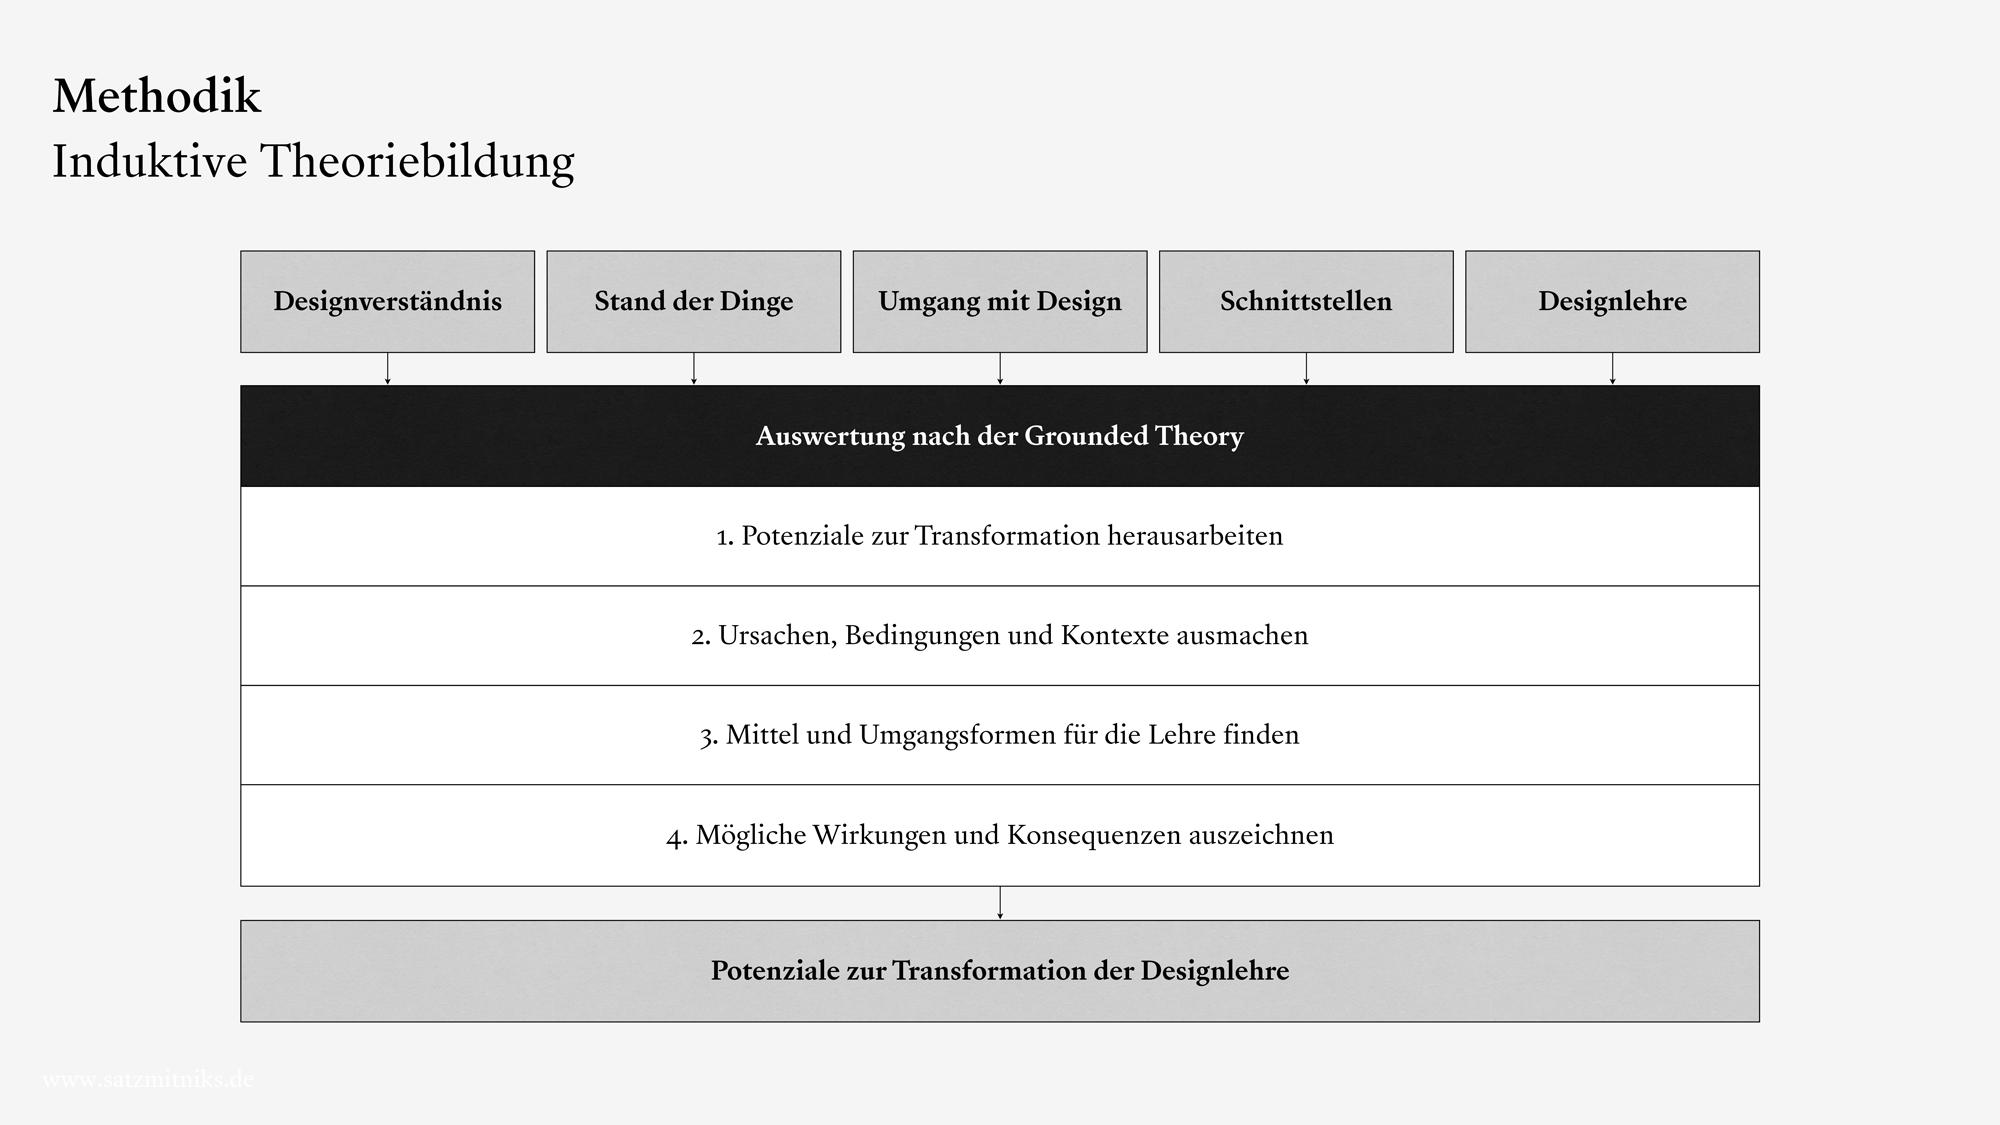 Ablaufmodell der induktiven Theoriebildung